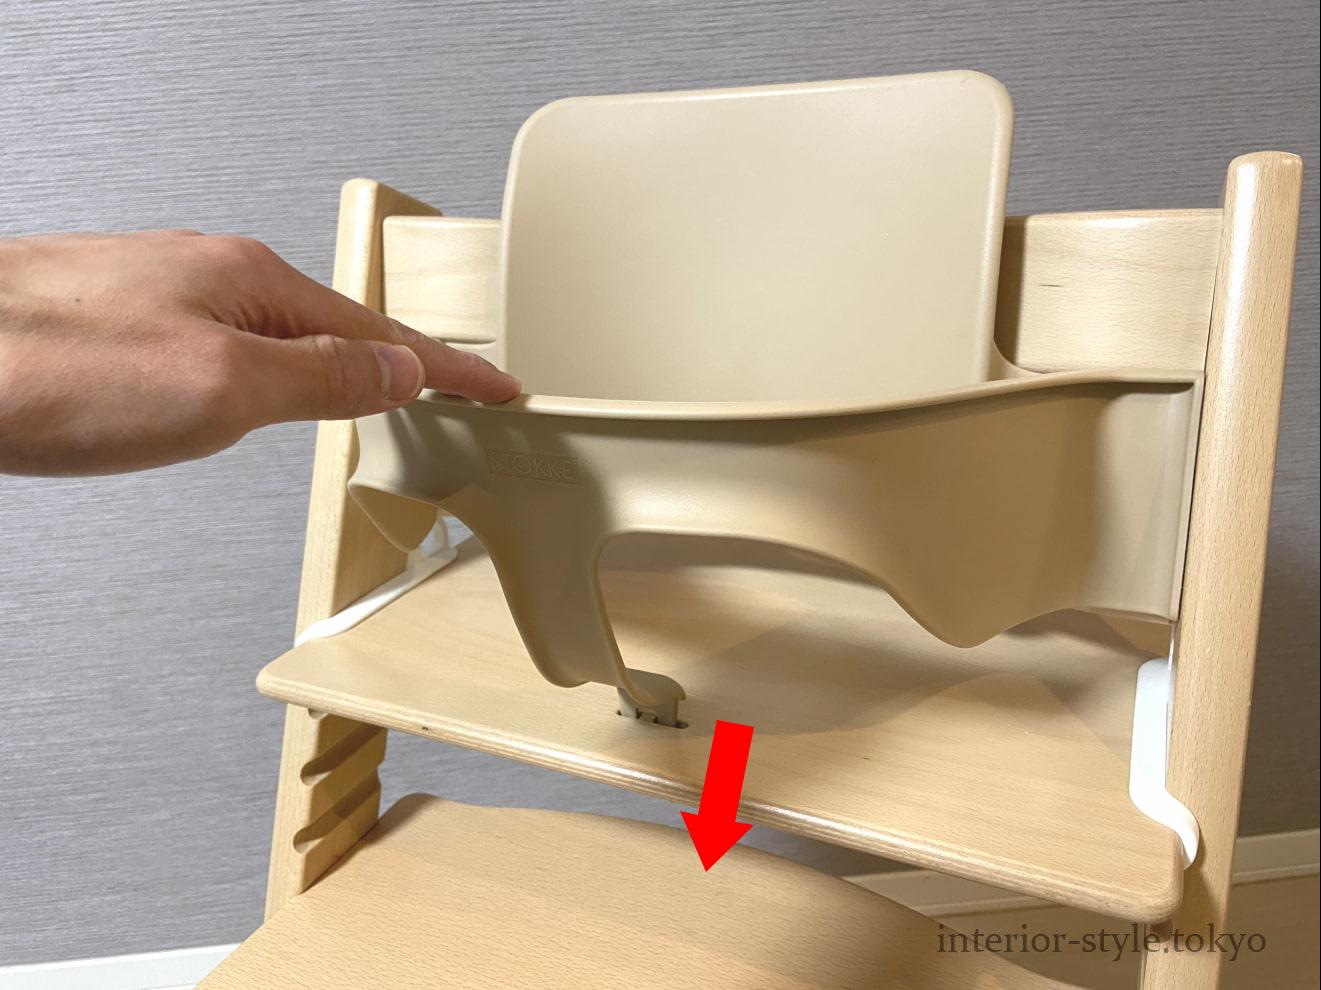 ベビーセットのスナップ部分をトリップトラップの座板の穴に差し込む